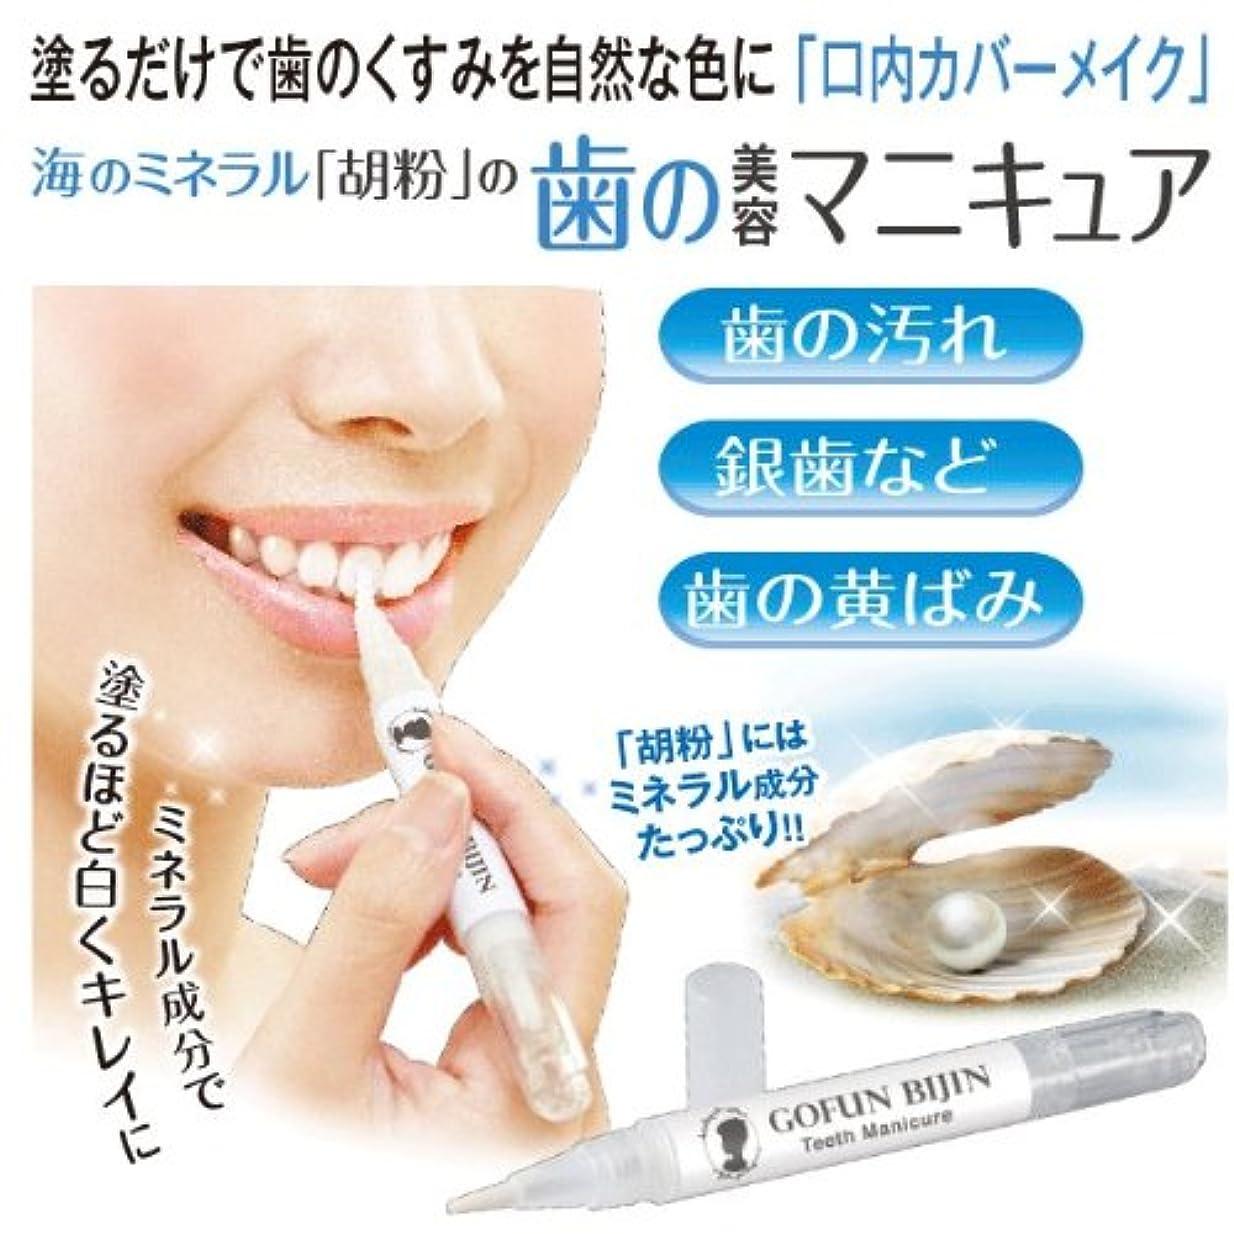 ドライブ癌スリーブ胡粉美人 歯マニキュア 歯にミネラルを補給してキレイに